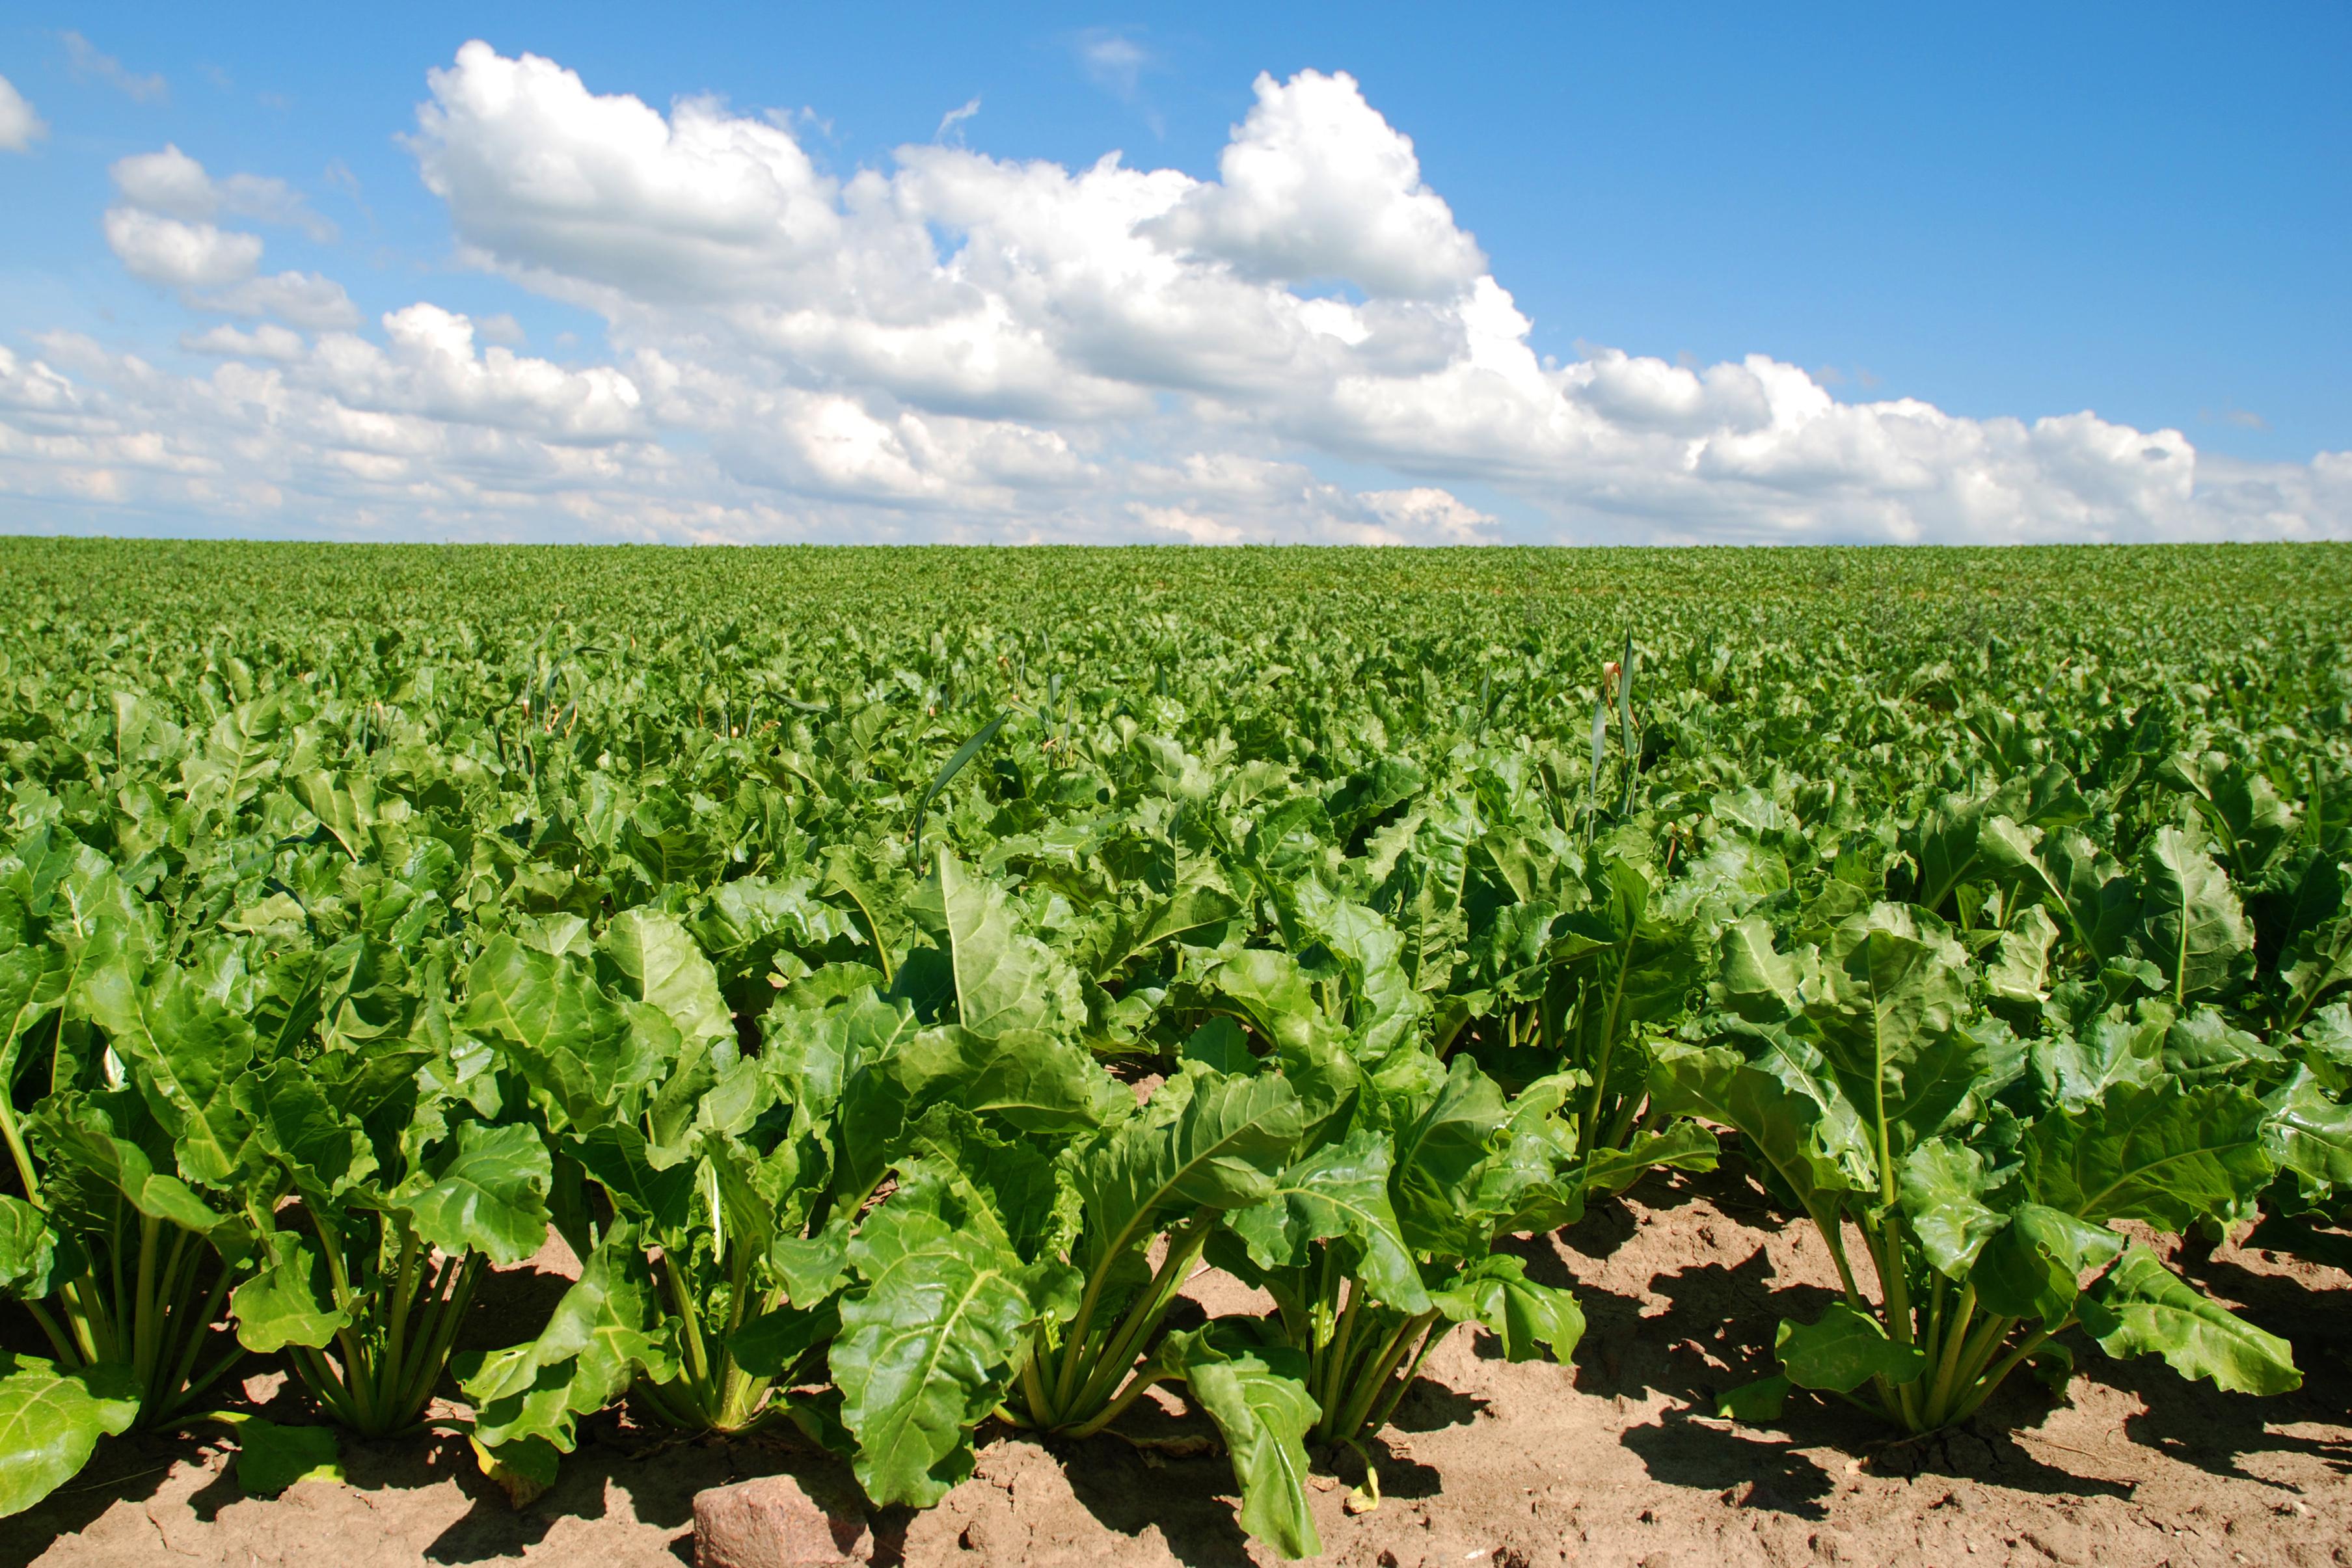 Diseñan un software para incrementar la sostenibilidad del sector  agroindustrial / Noticias / SINC